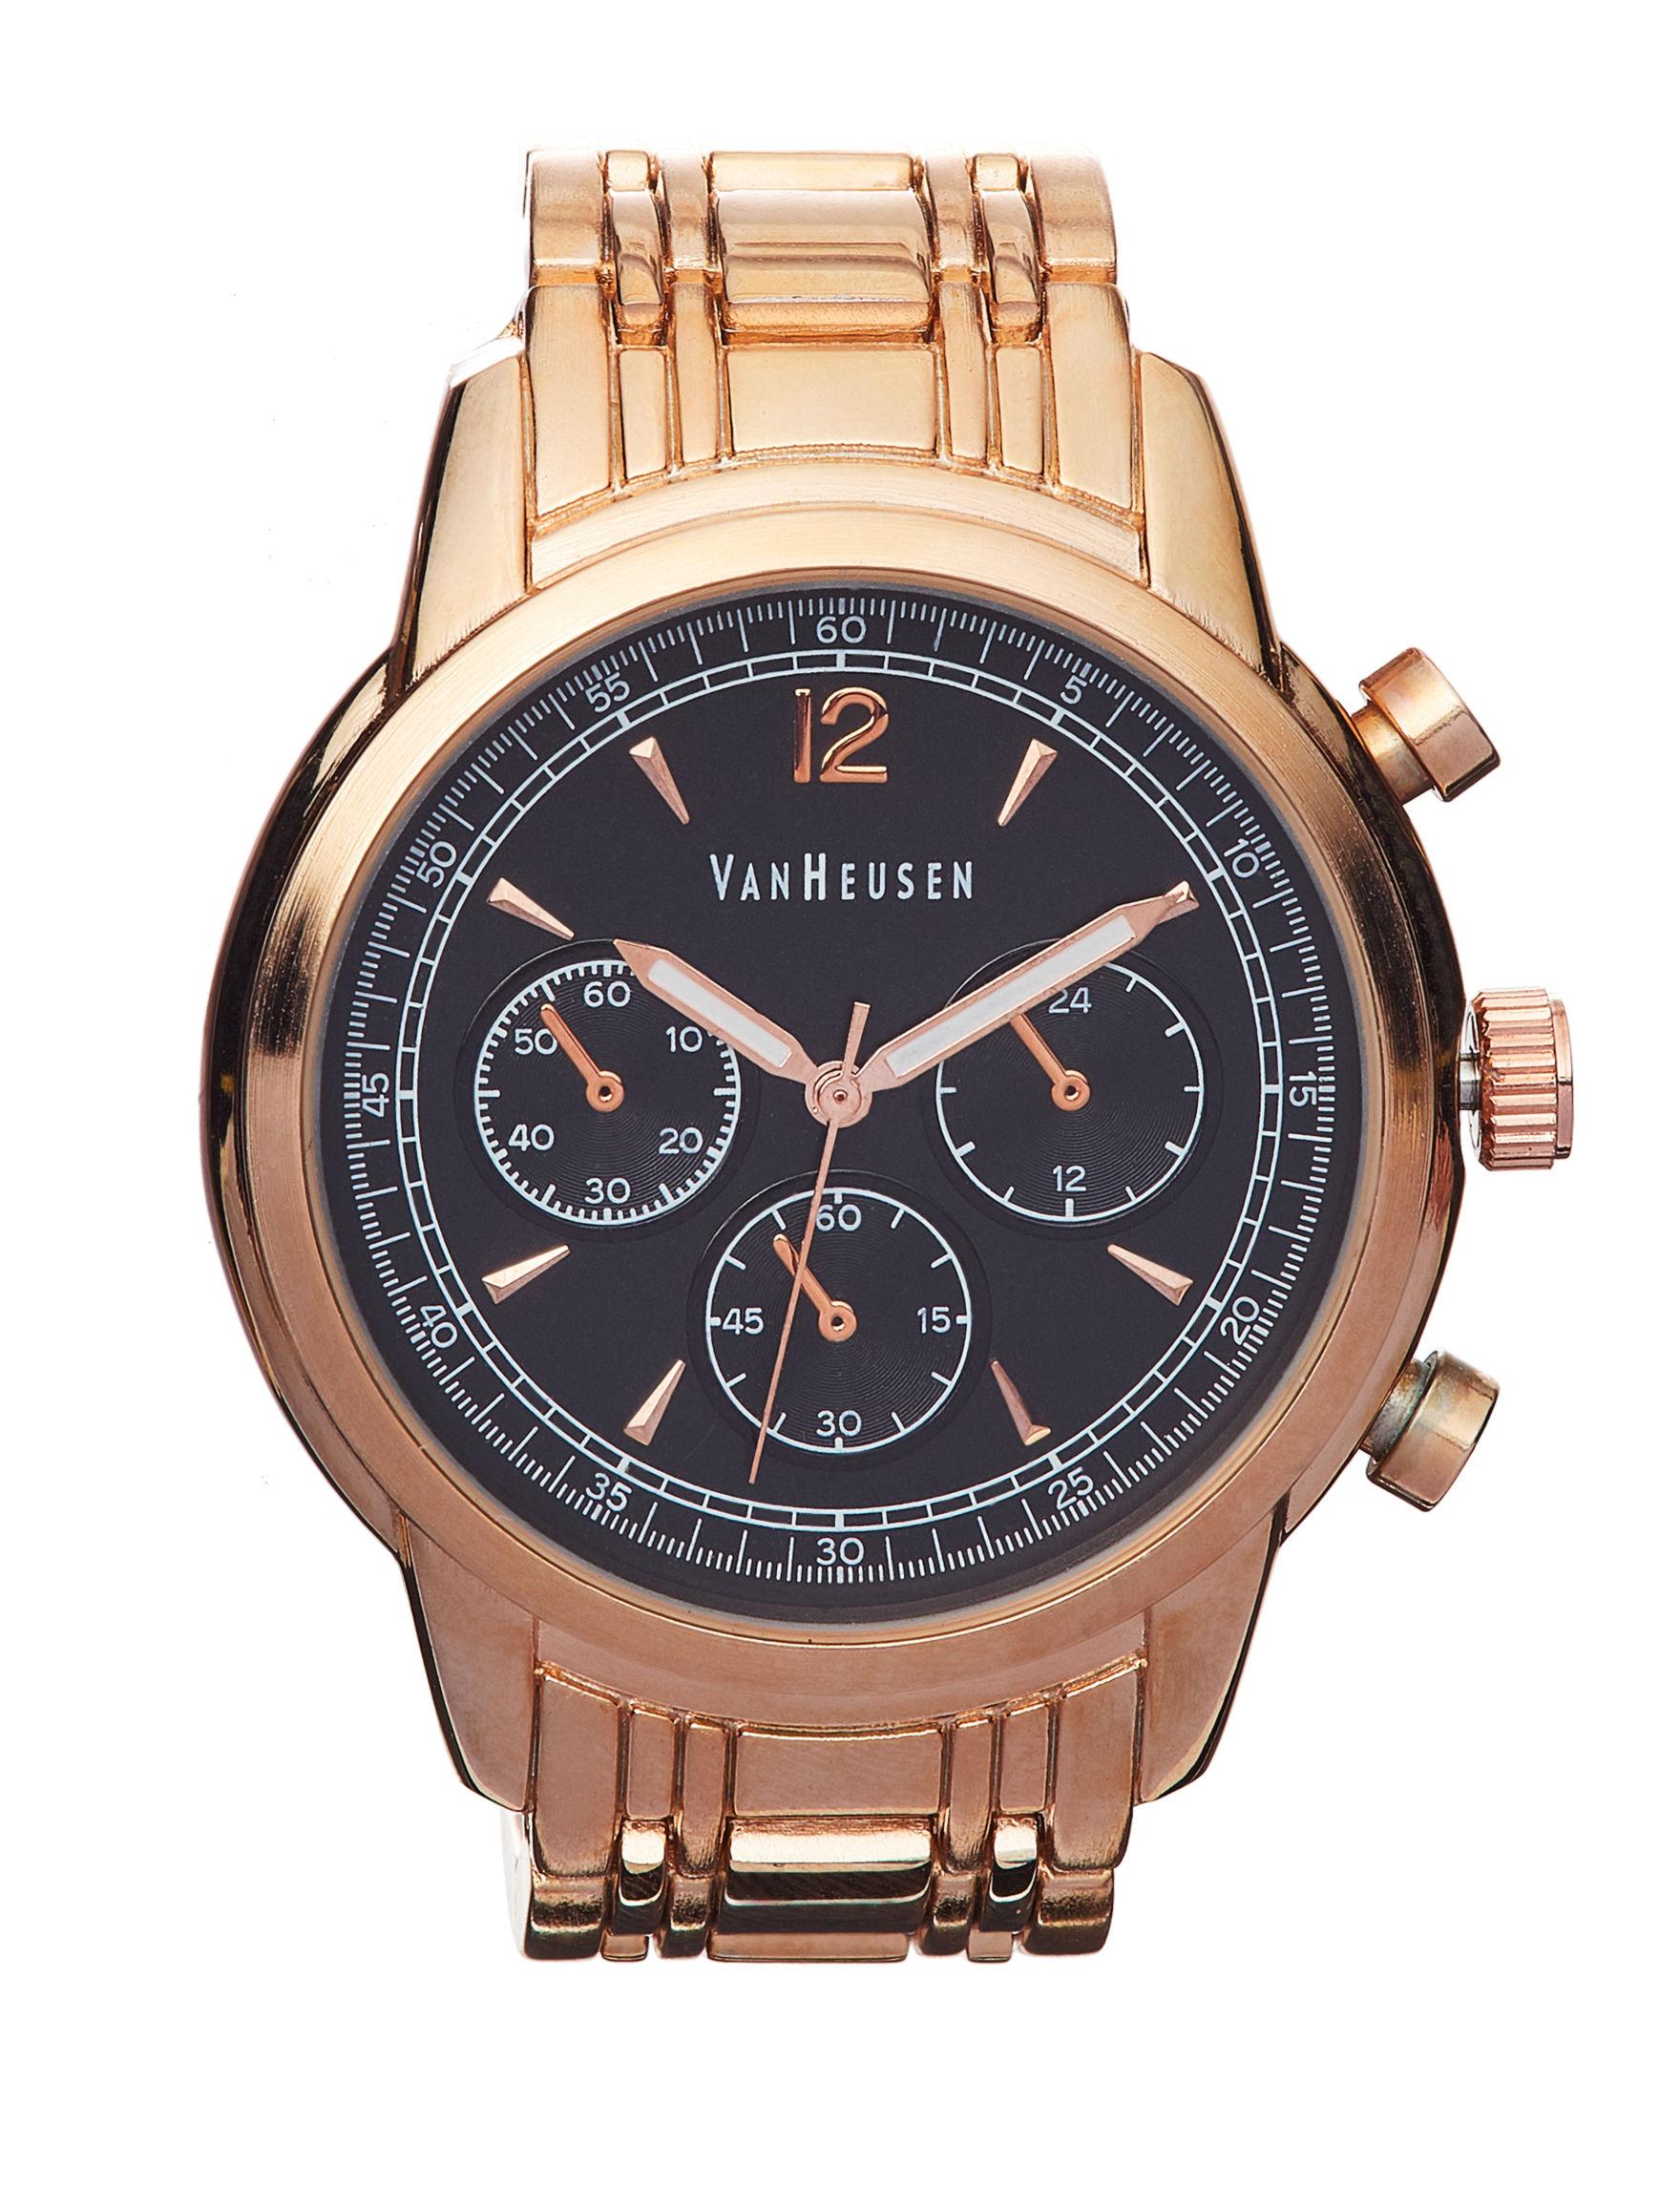 Van Heusen Gold Fashion Watches